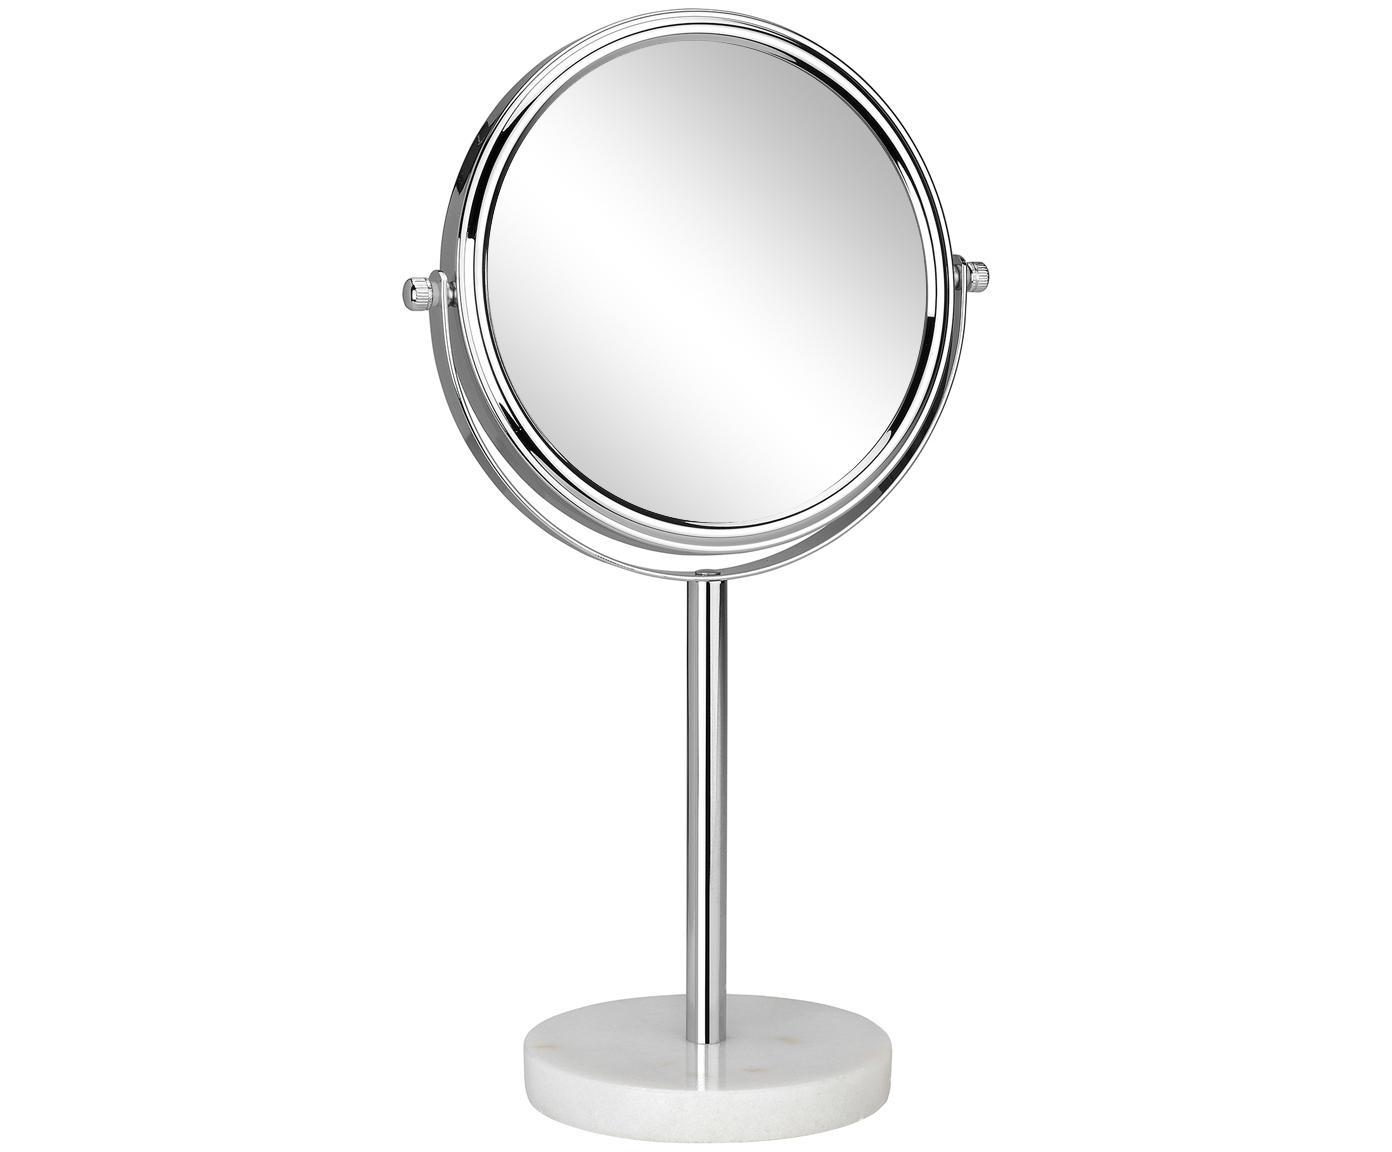 Espejo tocador Copper con aumento, Espejo: cristal, Blanco, plateado, Ø 20 x Al 34 cm